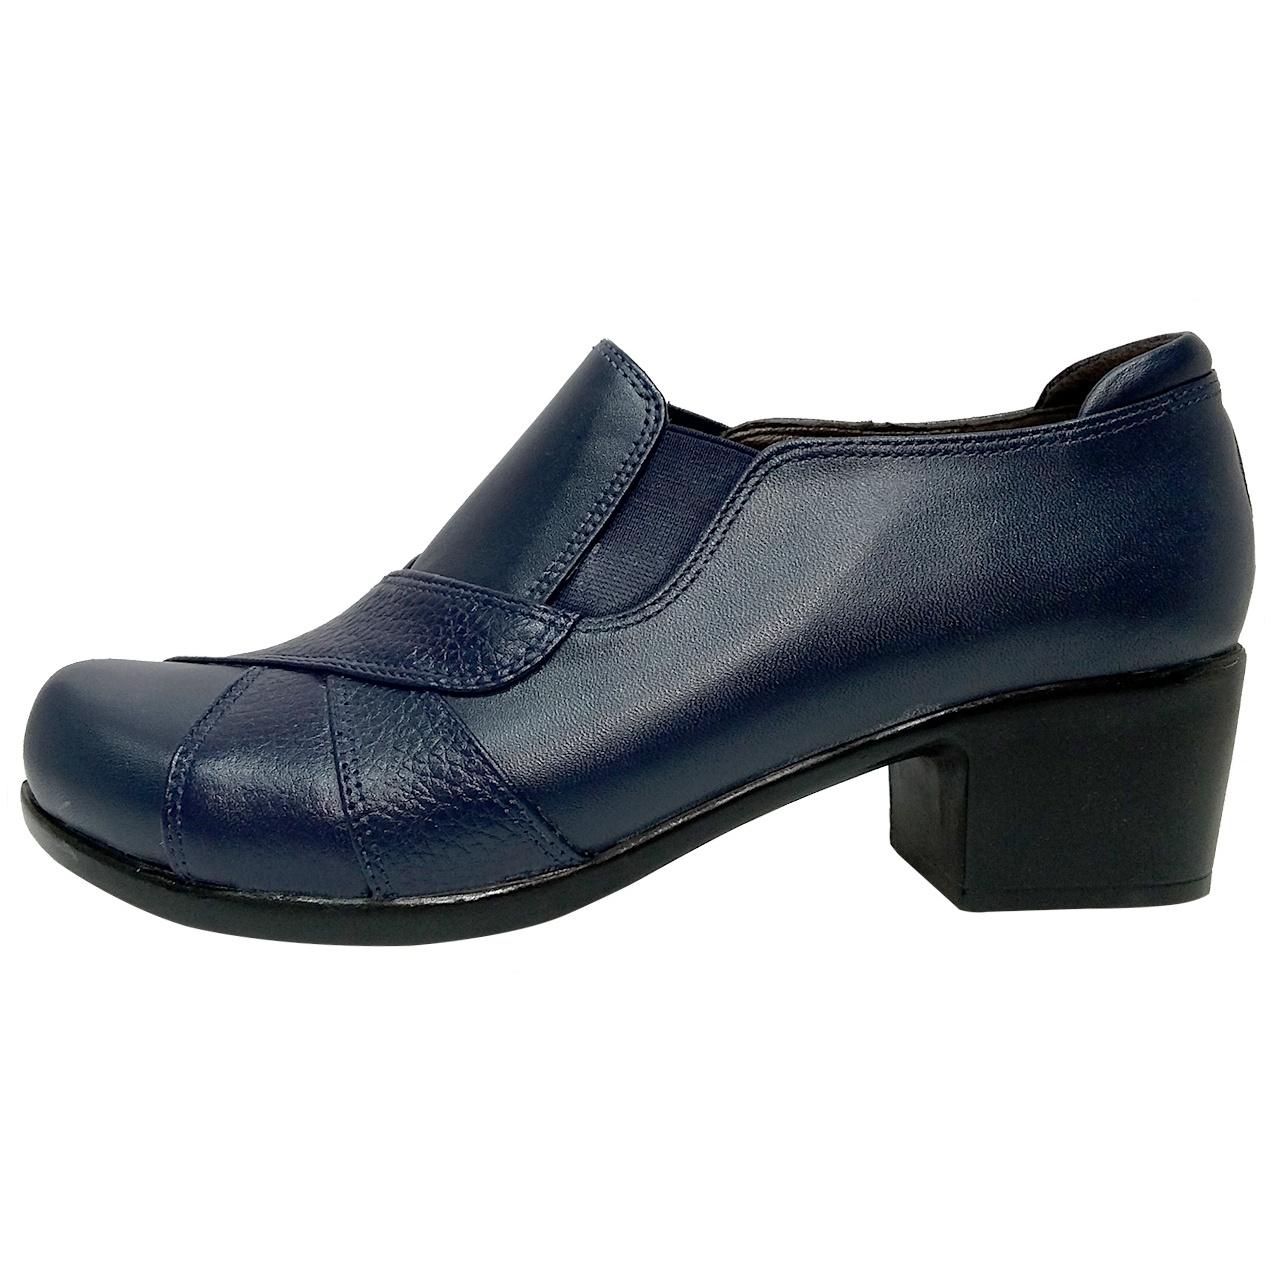 خرید                      کفش زنانه روشن مدل 565 کد 03